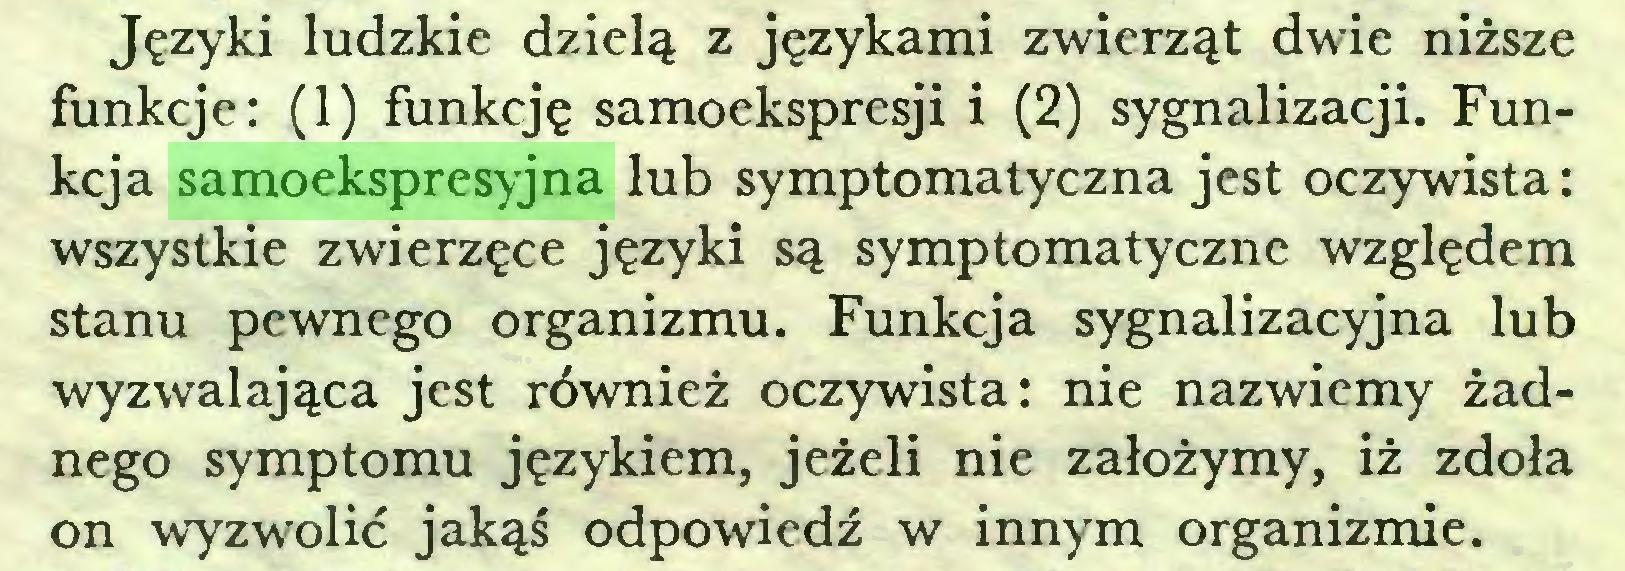 (...) Języki ludzkie dzielą z językami zwierząt dwie niższe funkcje: (1) funkcję samoekspresji i (2) sygnalizacji. Funkcja samoekspresyjna lub symptomatyczna jest oczywista: wszystkie zwierzęce języki są symptomatyczne względem stanu pewnego organizmu. Funkcja sygnalizacyjna lub wyzwalająca jest również oczywista: nie nazwiemy żadnego symptomu językiem, jeżeli nie założymy, iż zdoła on wyzwolić jakąś odpowiedź w innym organizmie...